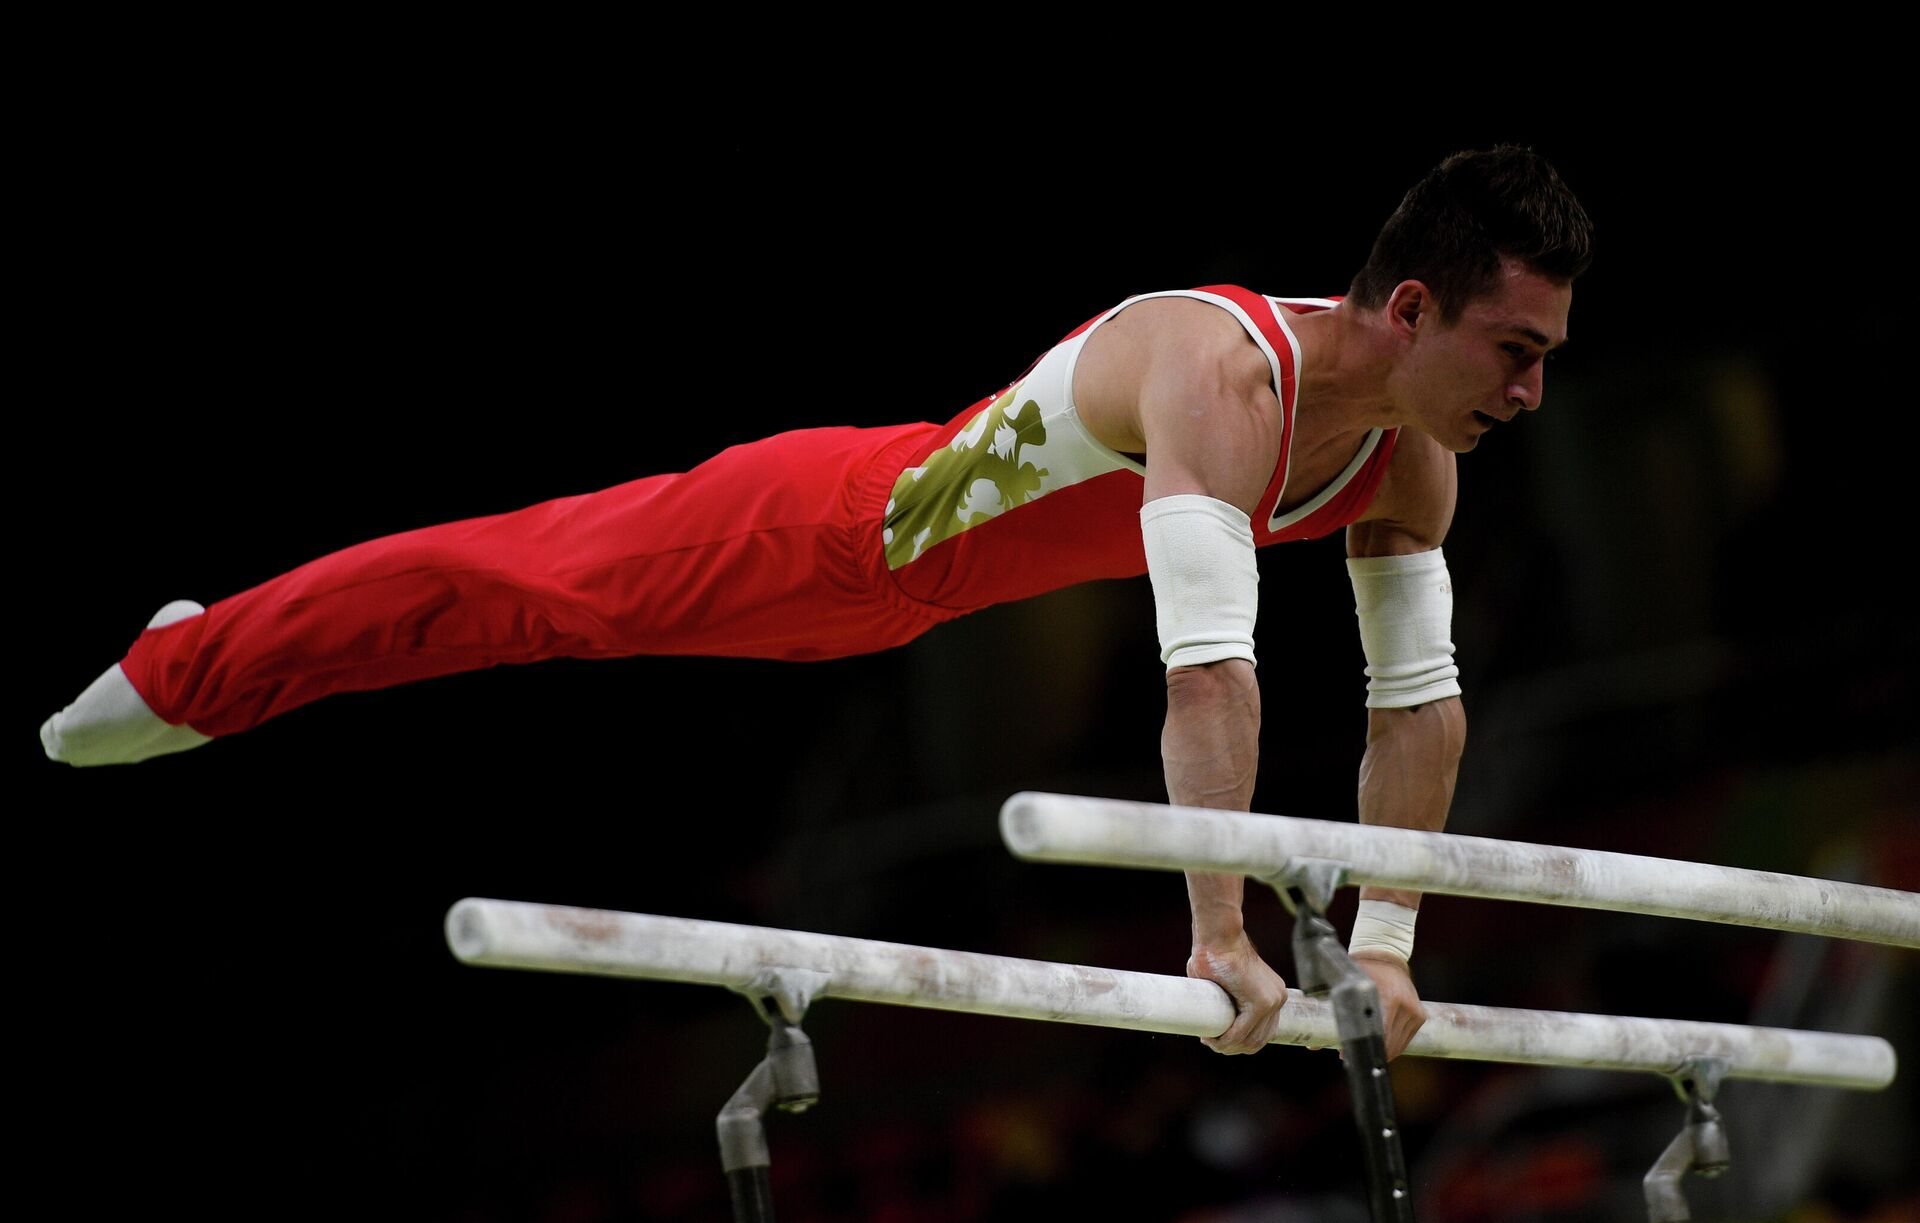 Российский гимнаст Давид Белявский выполняет упражнения на брусьях  - РИА Новости, 1920, 30.07.2021